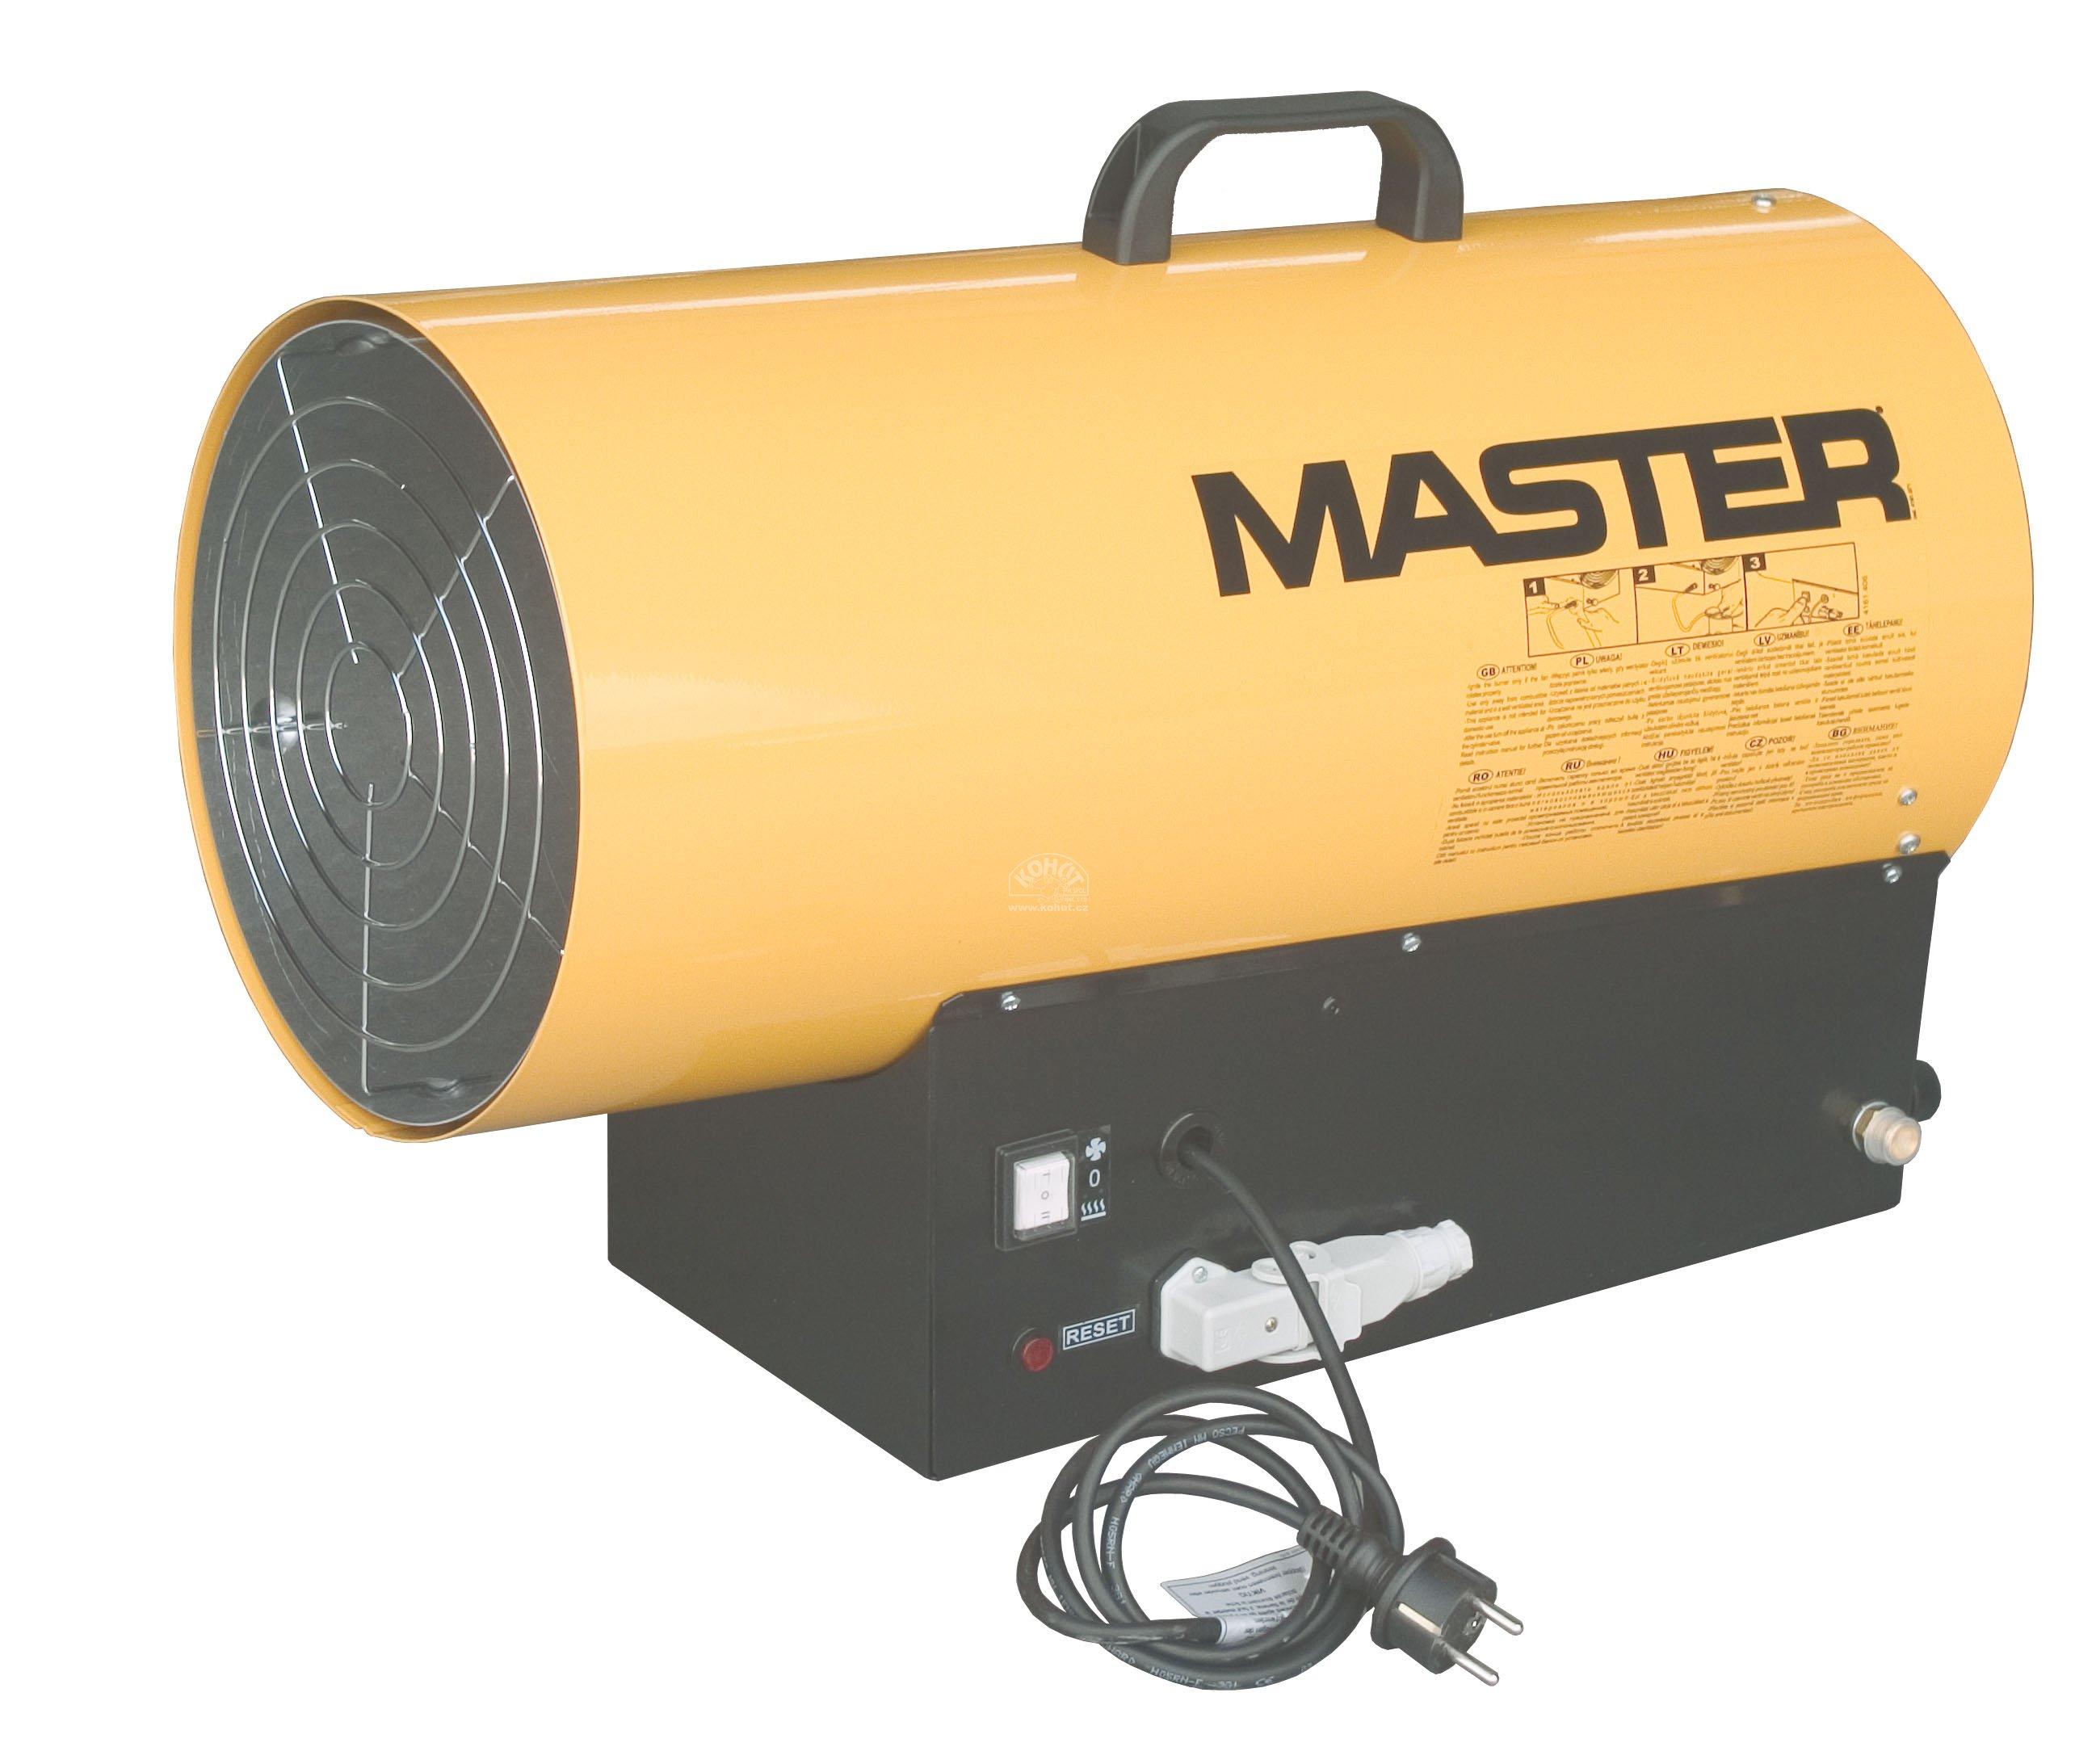 Master BLP 53 ET